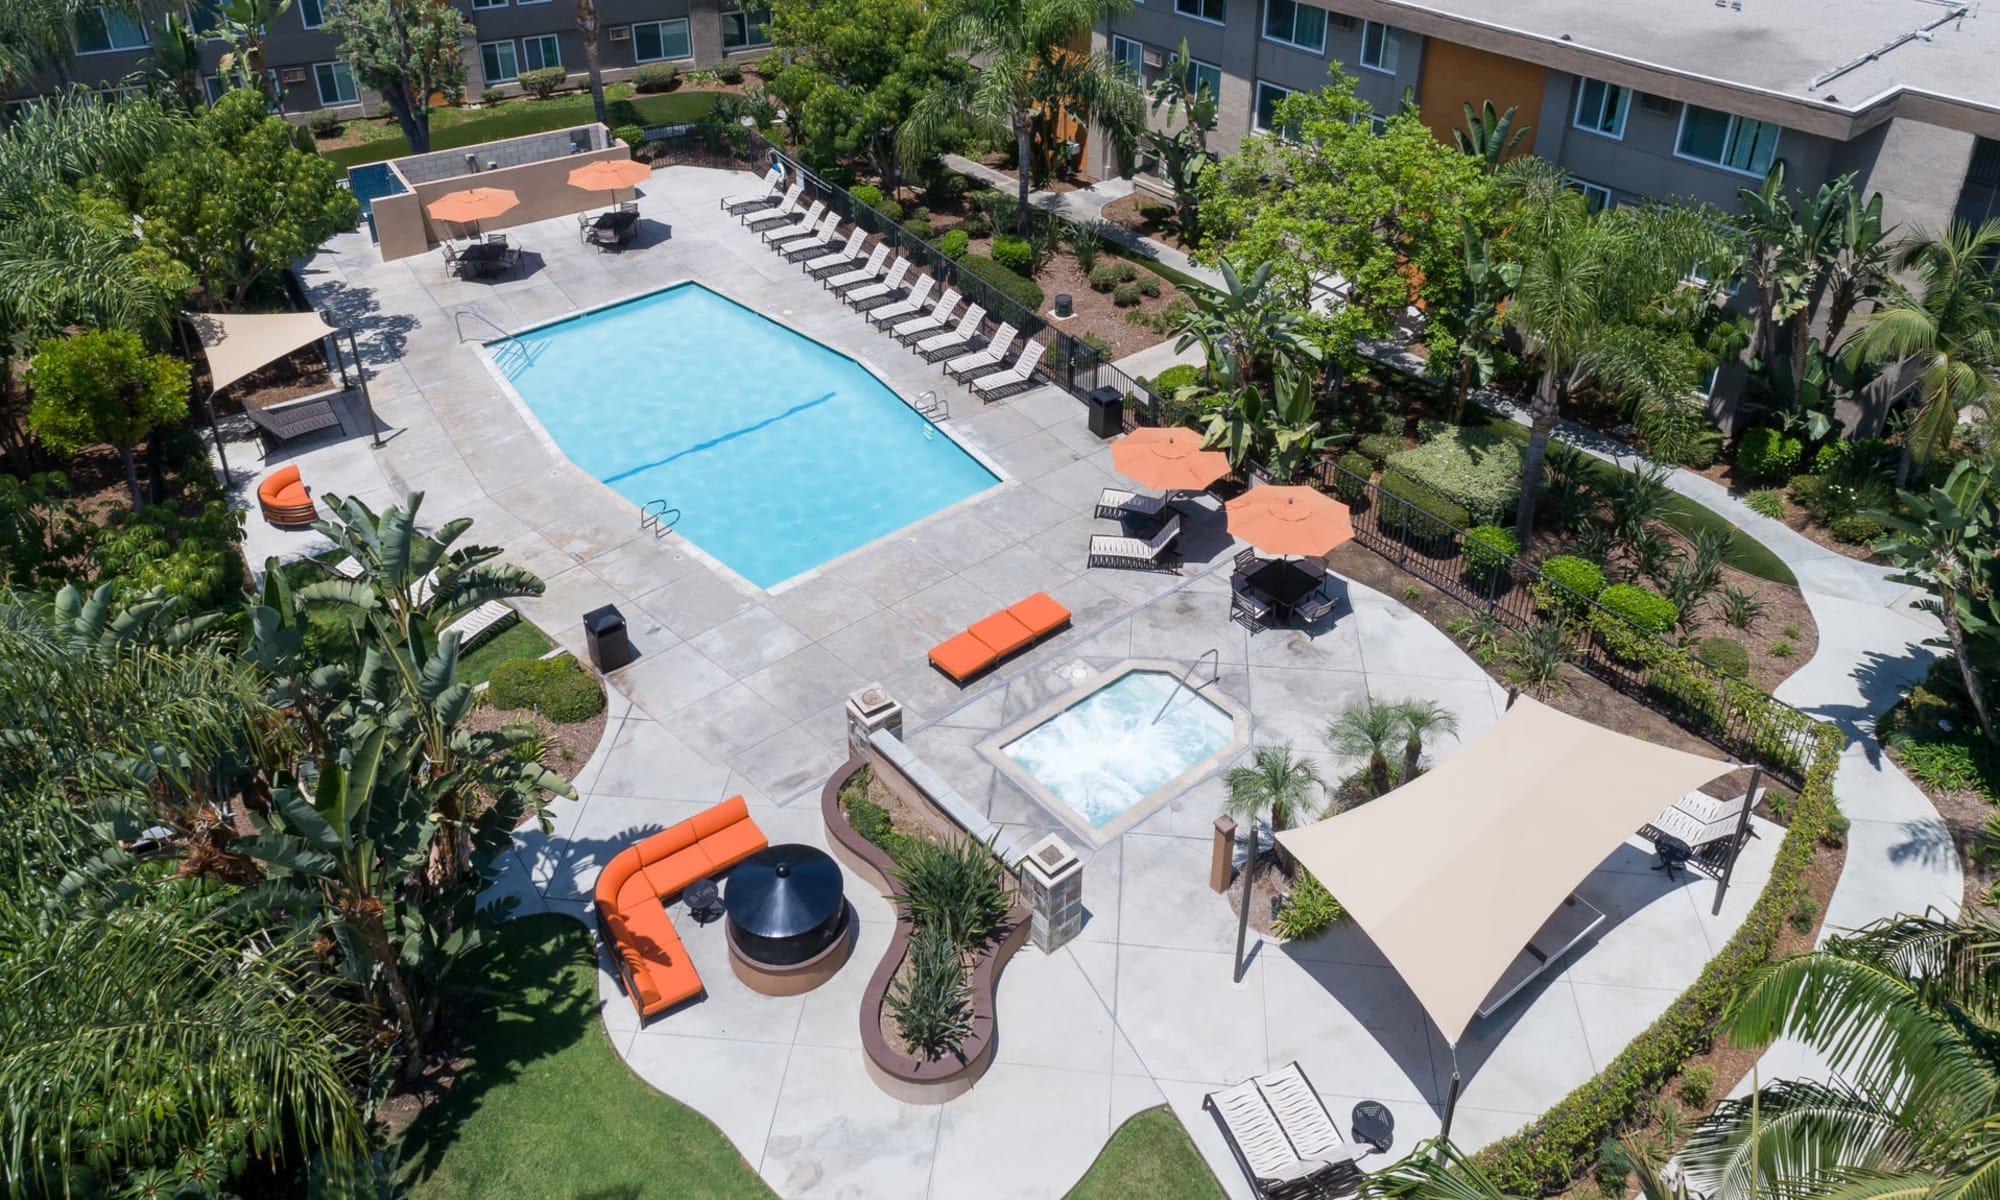 UCA Apartment Homes in Fullerton, California